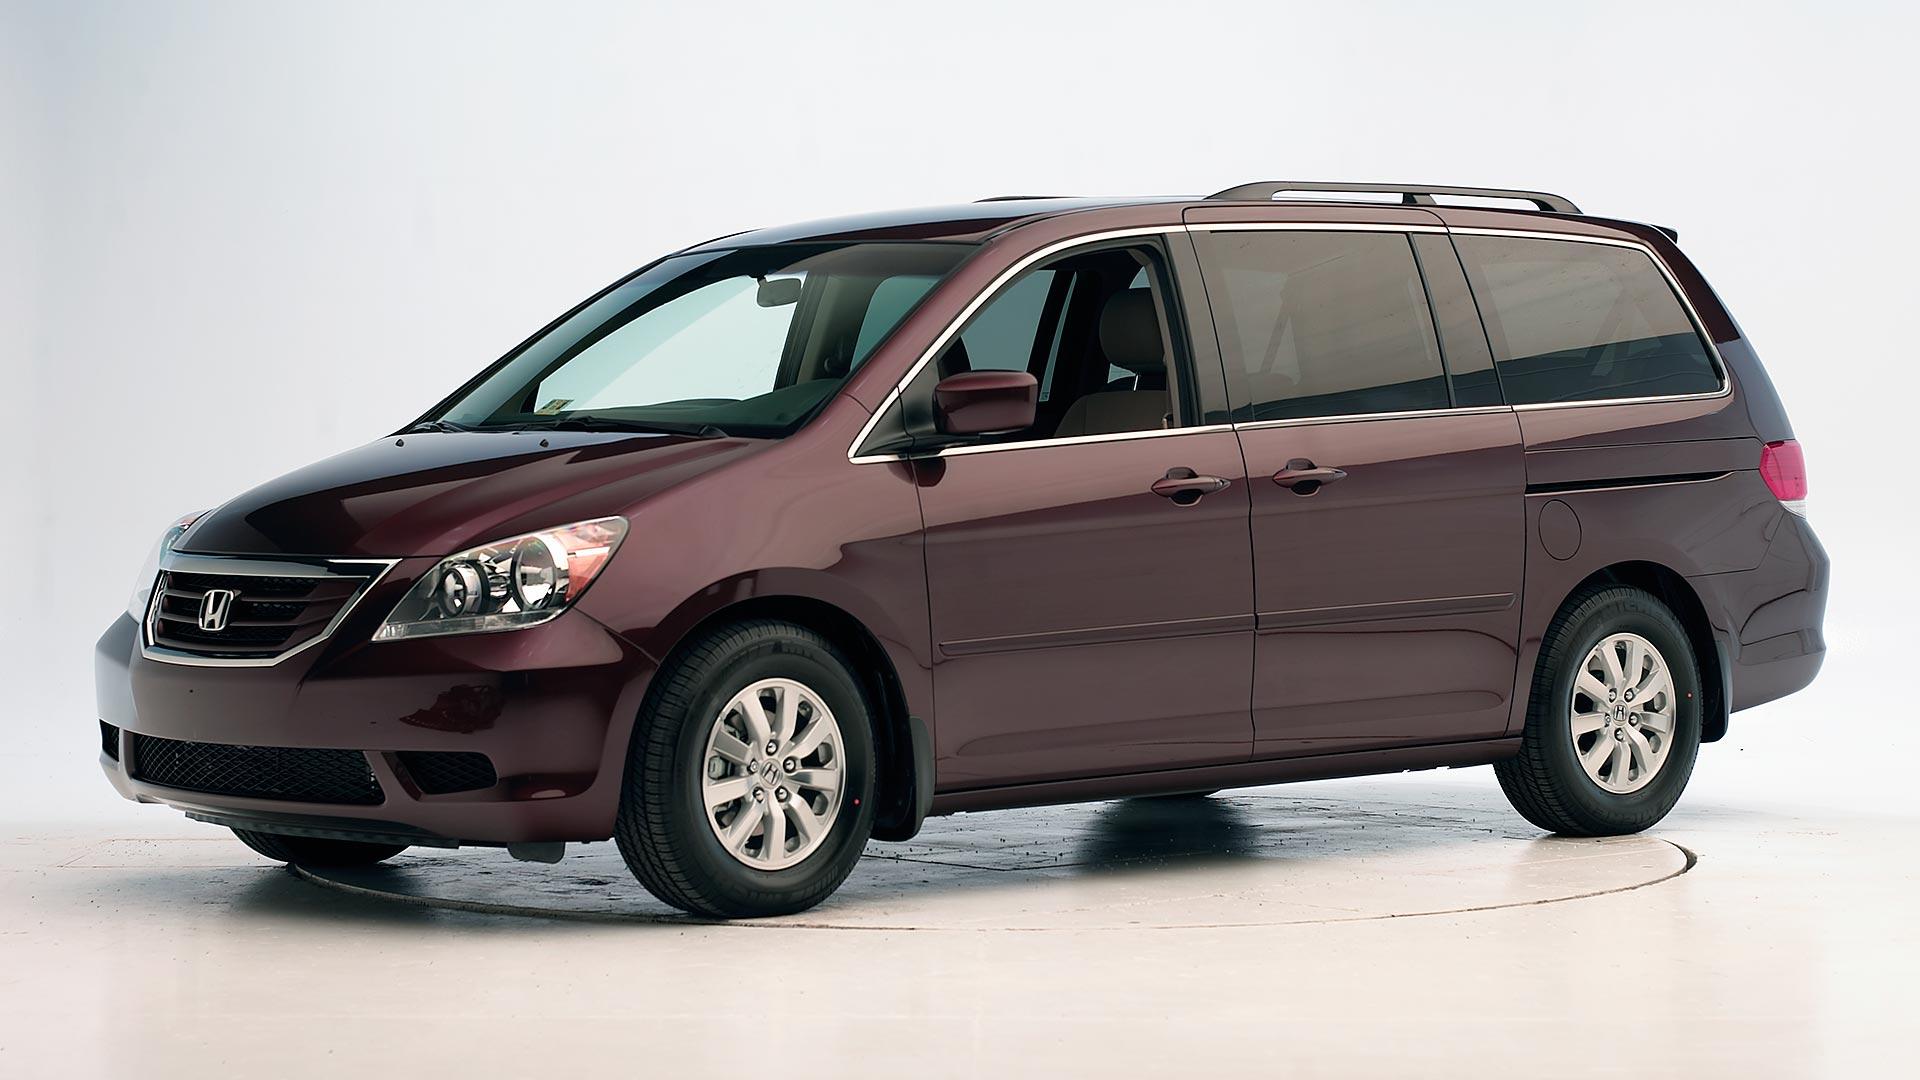 Kekurangan Honda Odyssey 2010 Perbandingan Harga